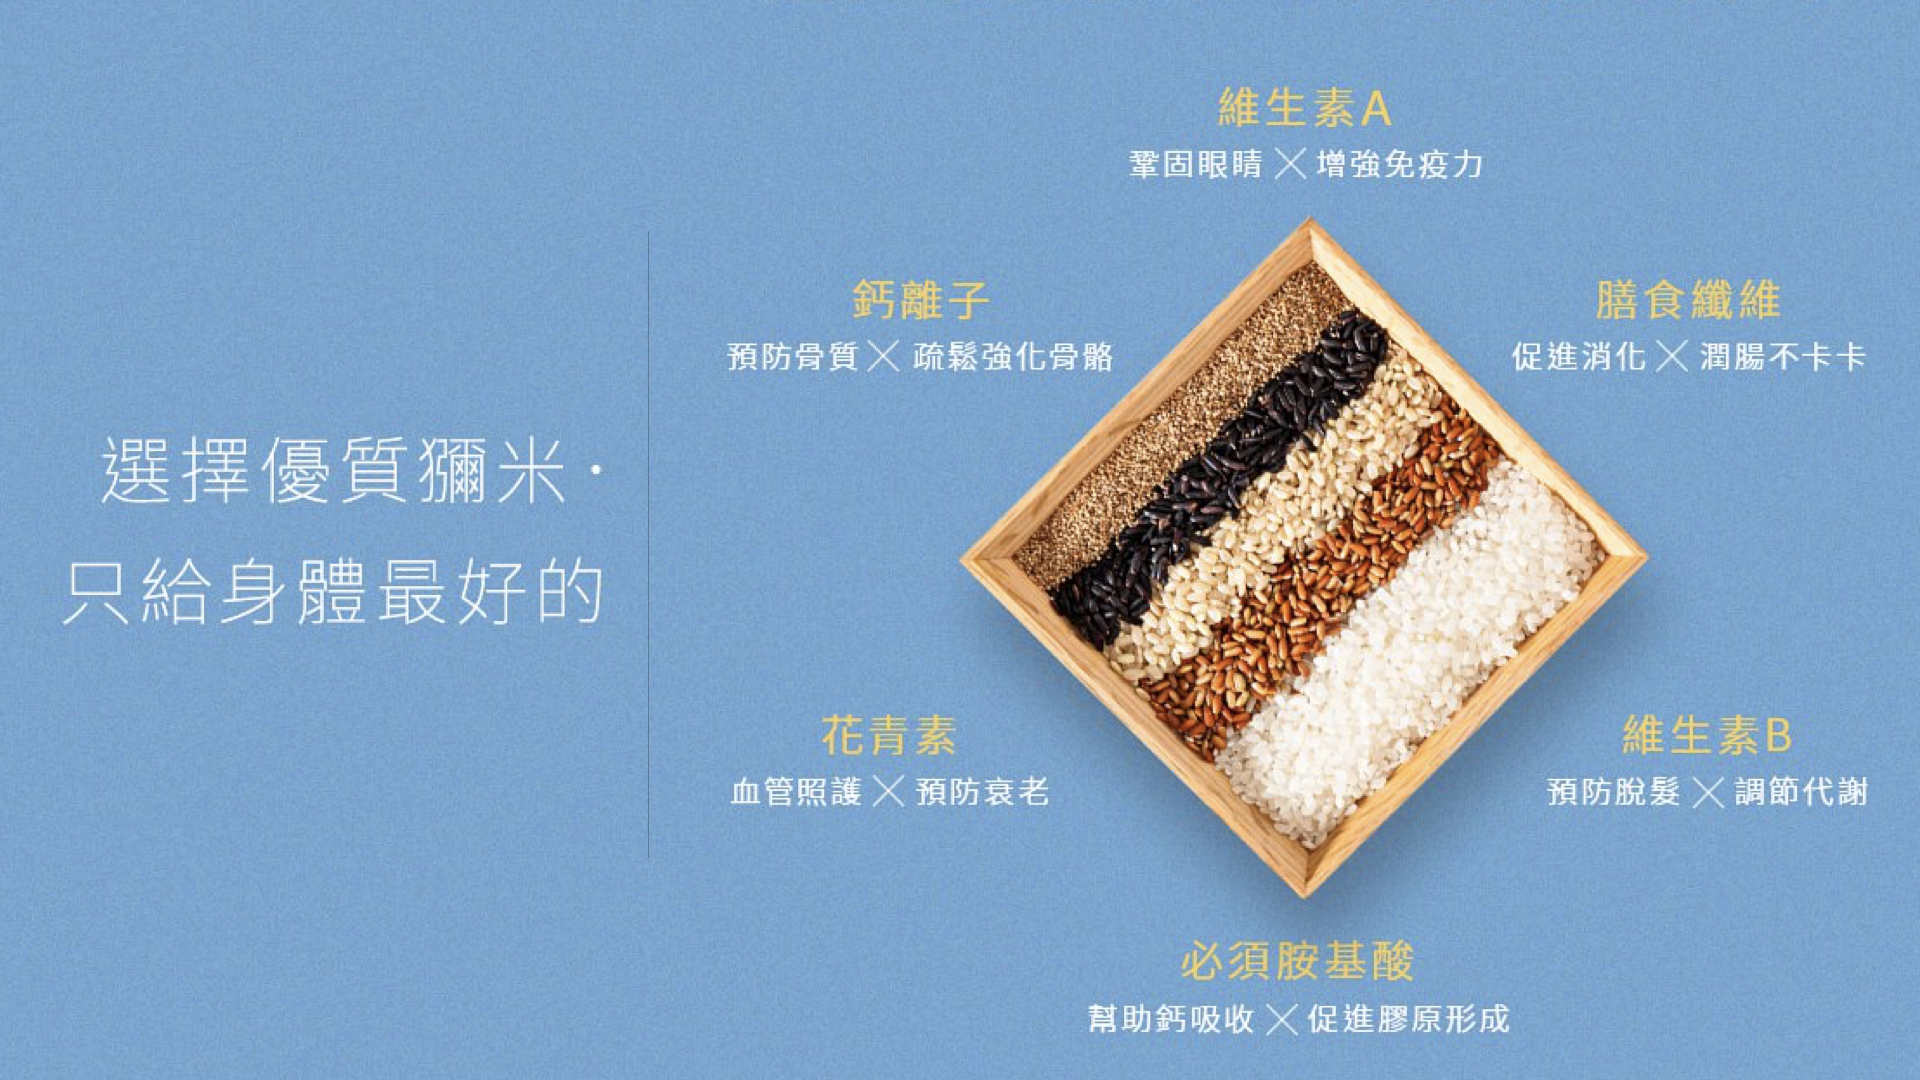 彌米能量健康五鑽米,含有豐富維生素A、膳食纖維、維生素B、必需胺基酸、花青素、鈣梨子